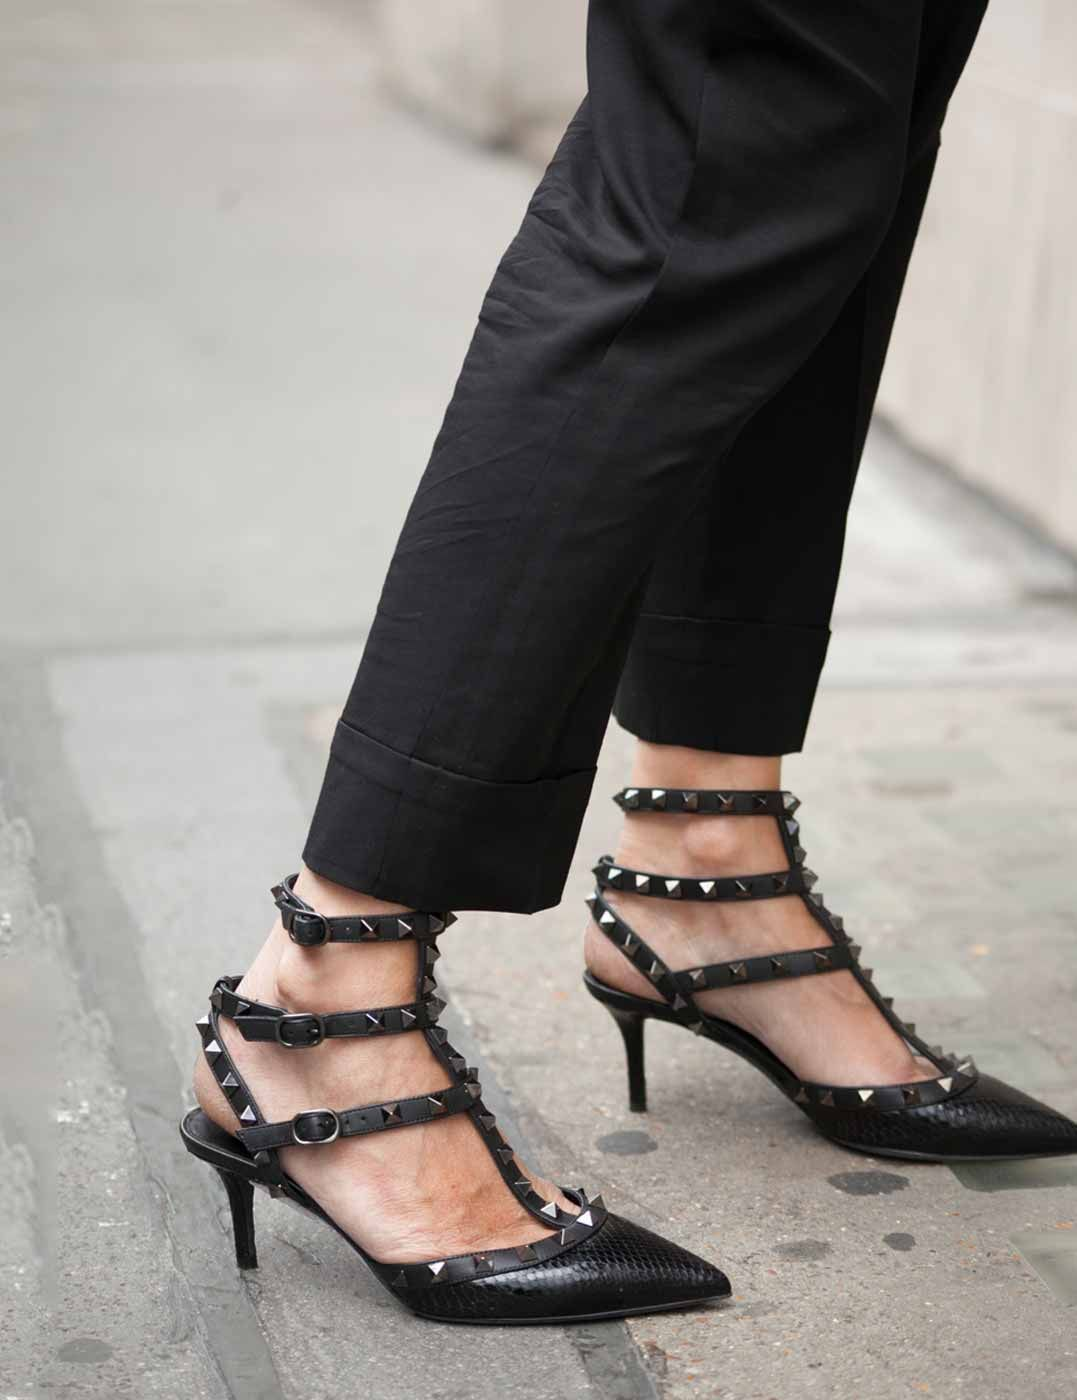 fde6dedf812 ... shoes. Black noir.  valentino  heels  streetstyle.  realrealscore